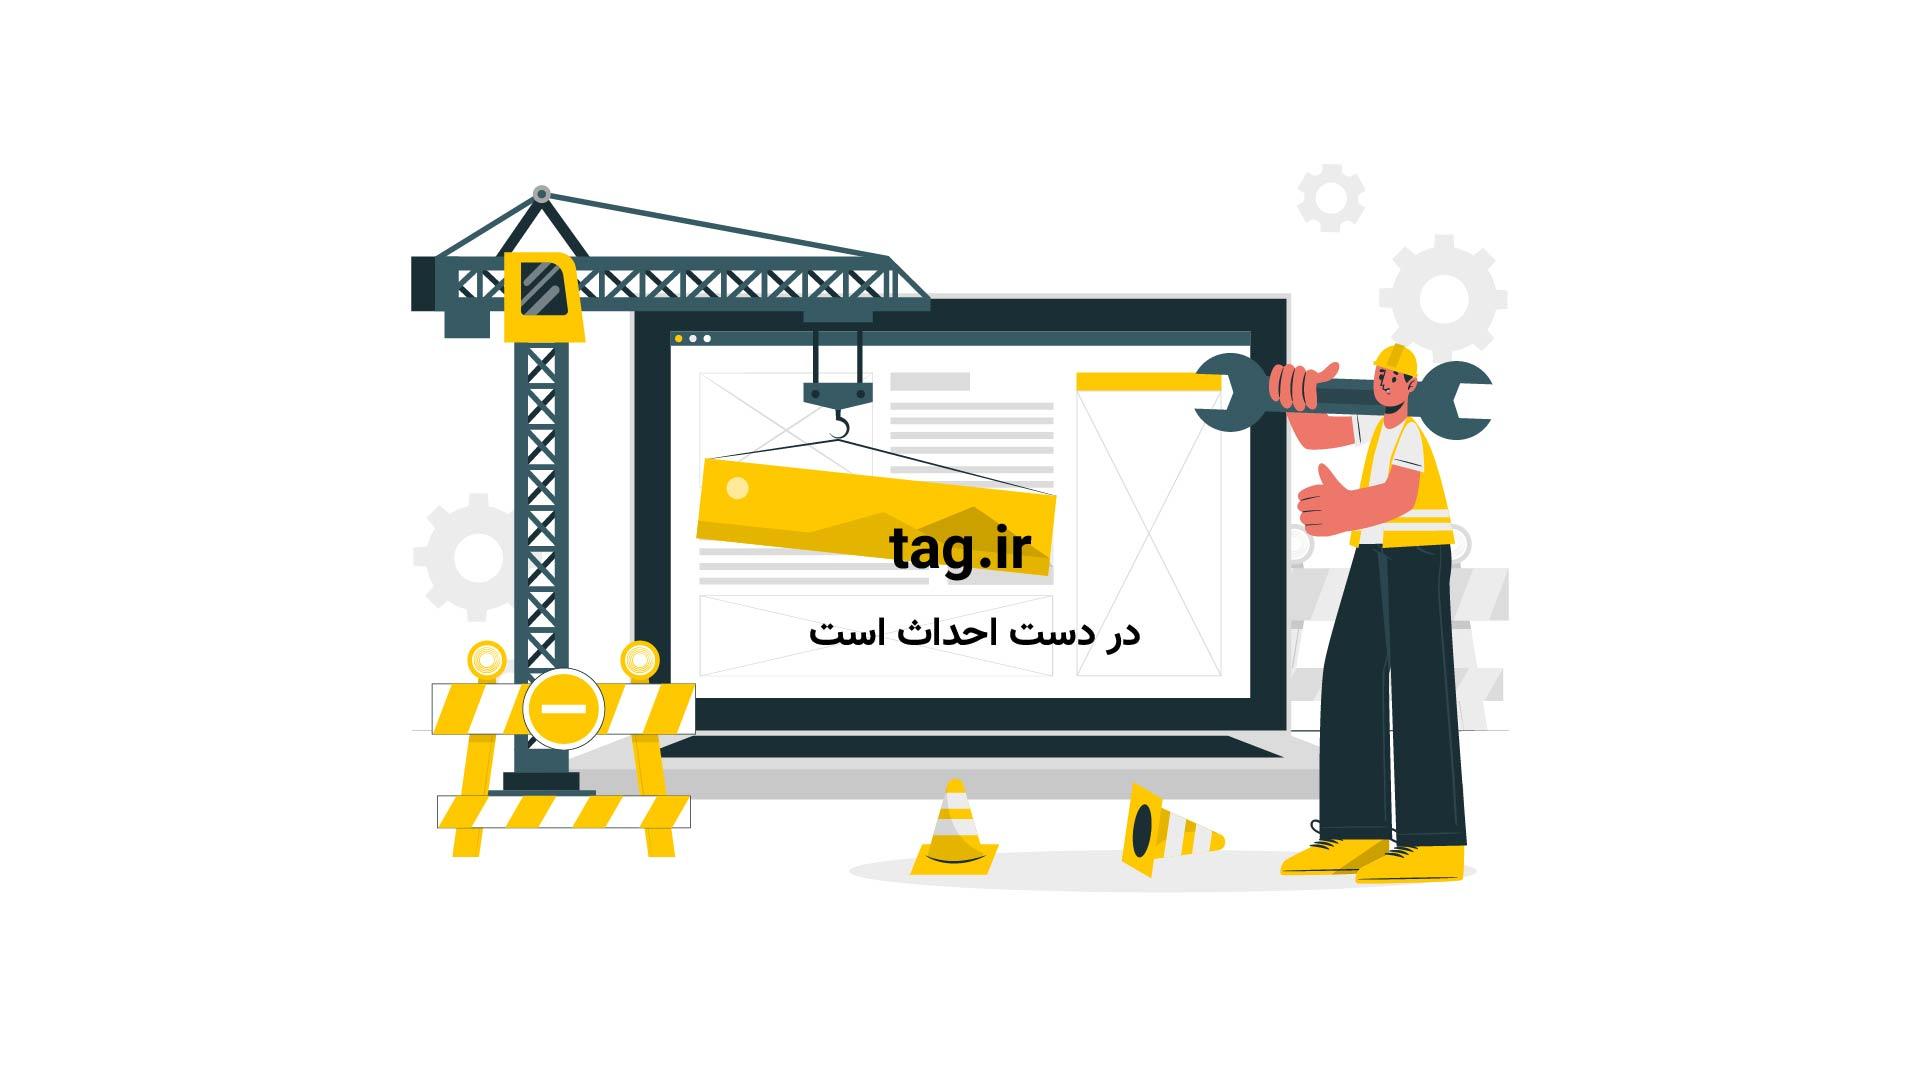 تکنیک نقاشی با آبرنگ | تگ